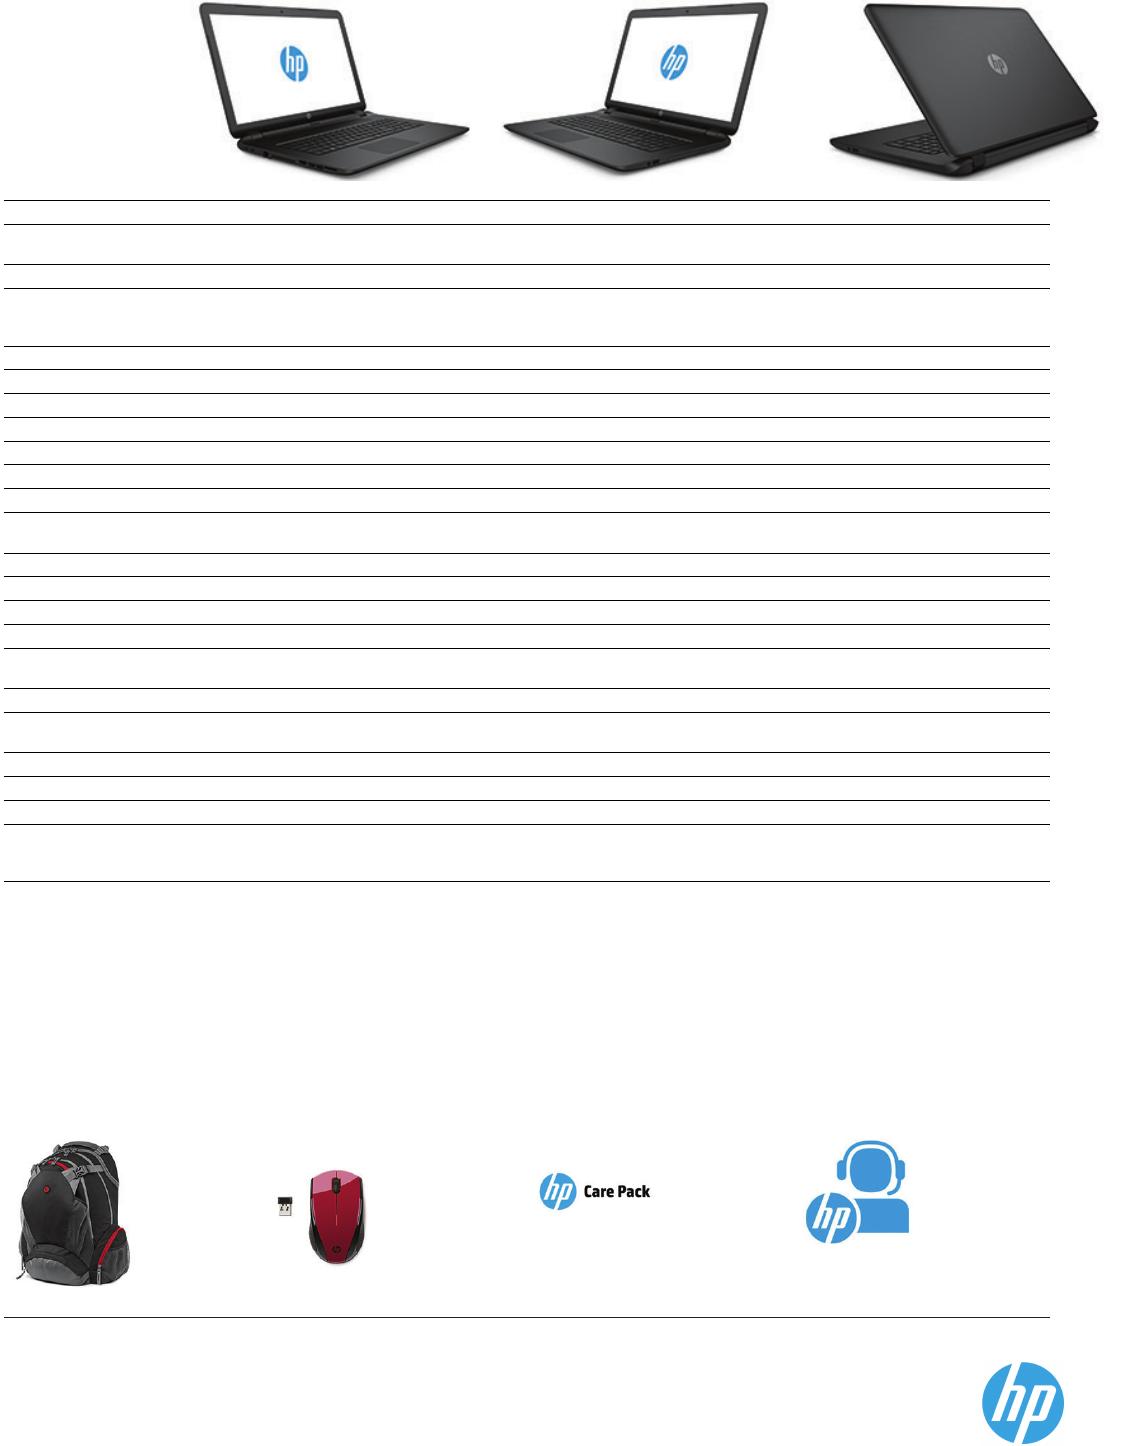 Datasheet HP Notebook 17-p051sa